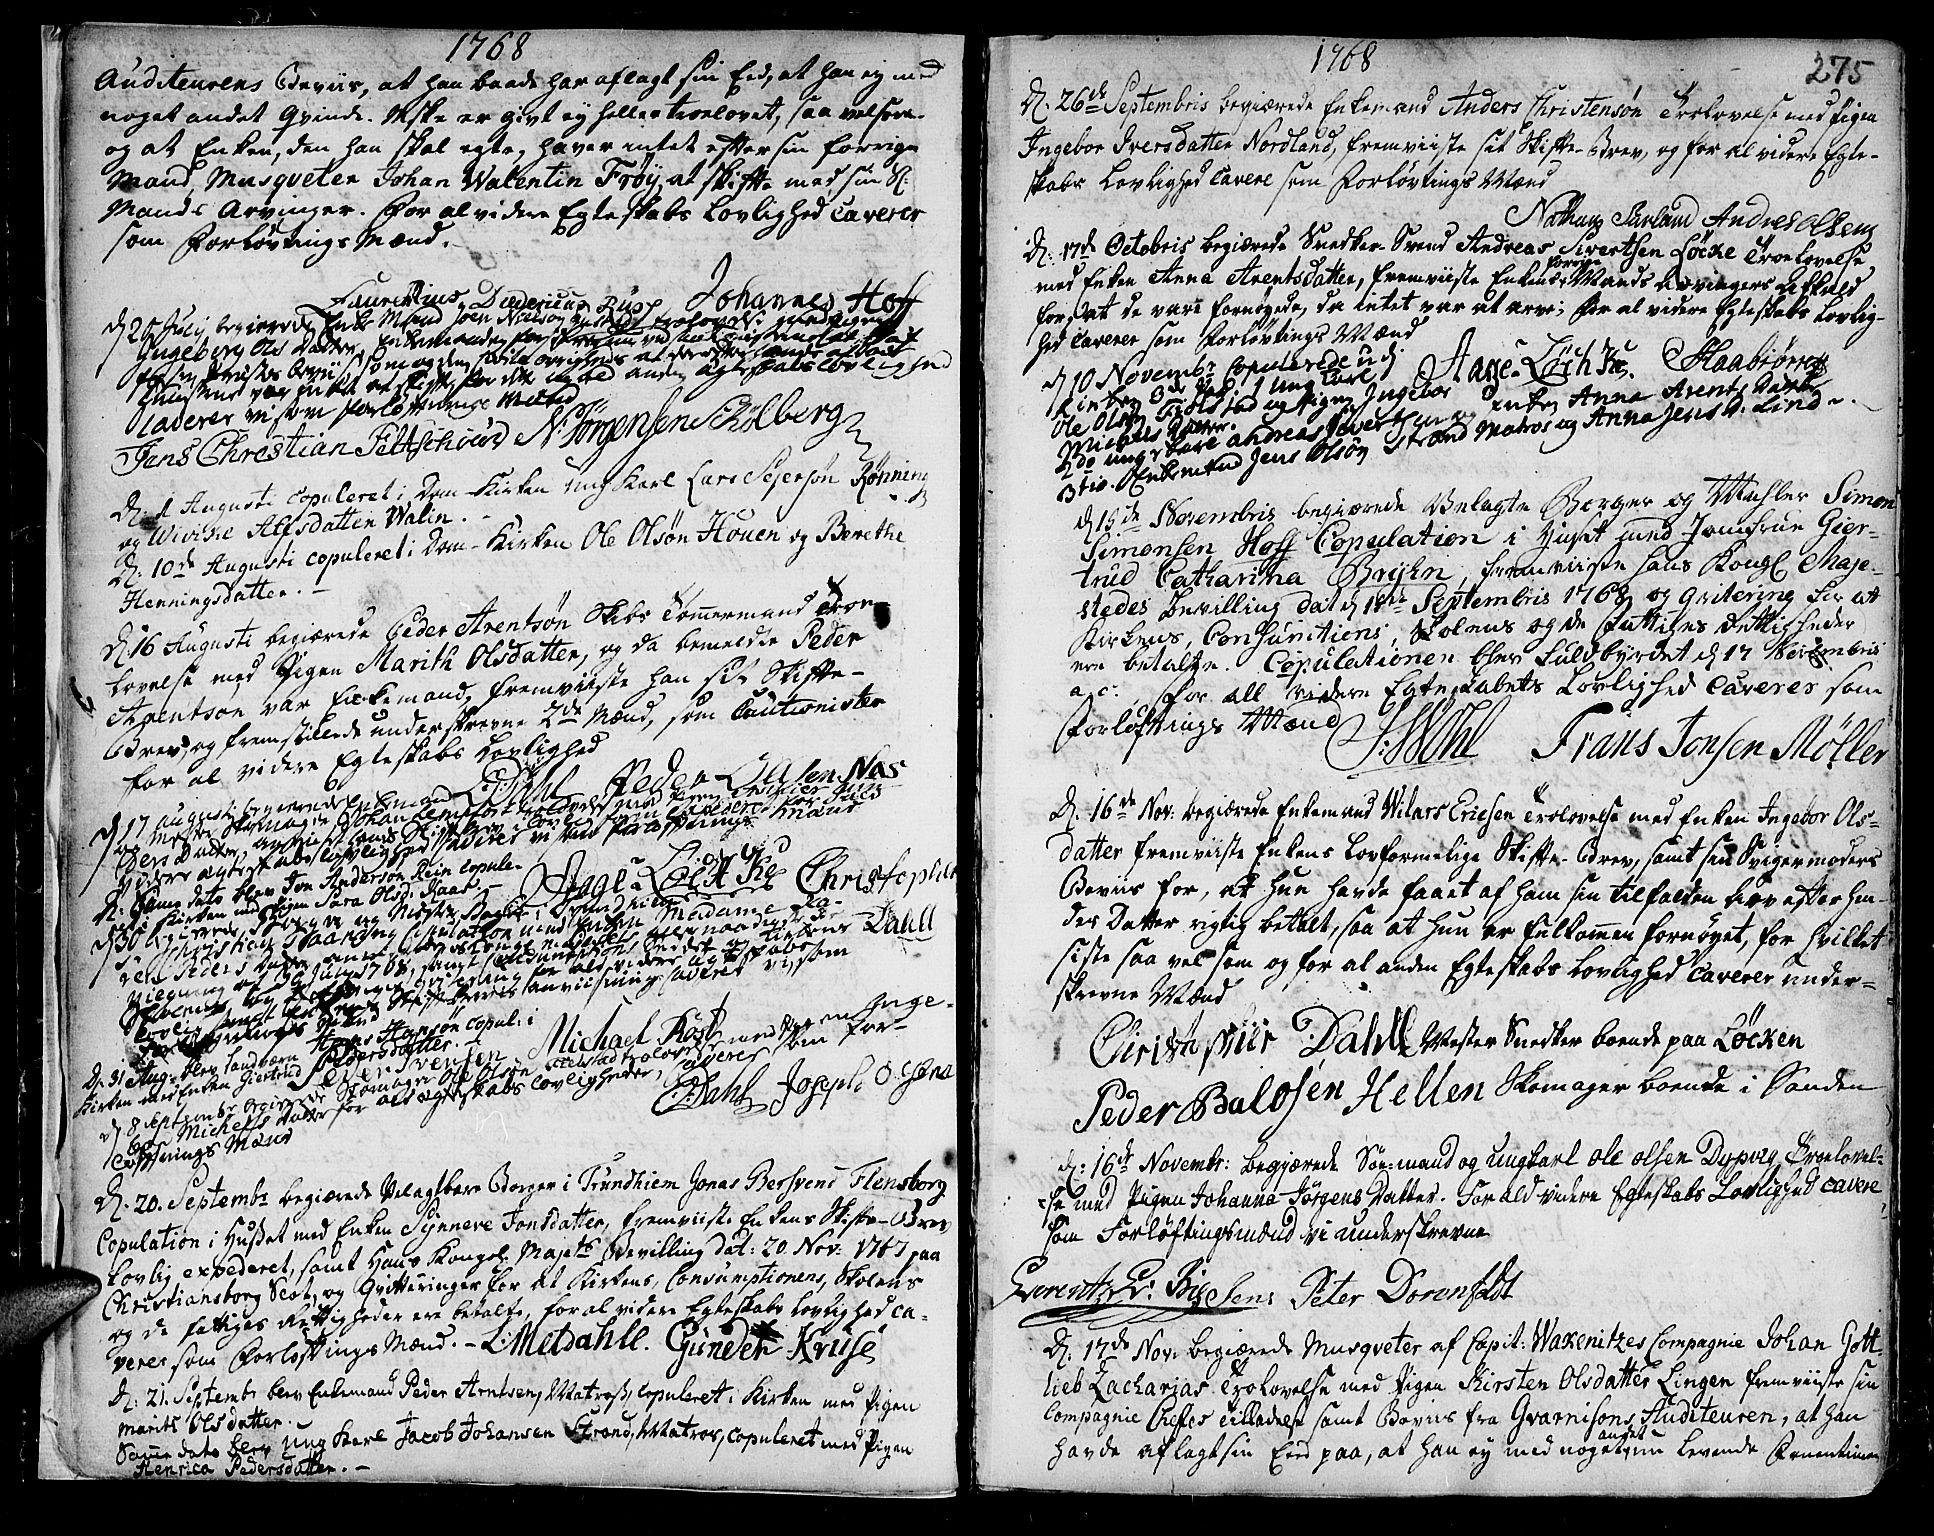 SAT, Ministerialprotokoller, klokkerbøker og fødselsregistre - Sør-Trøndelag, 601/L0038: Ministerialbok nr. 601A06, 1766-1877, s. 275